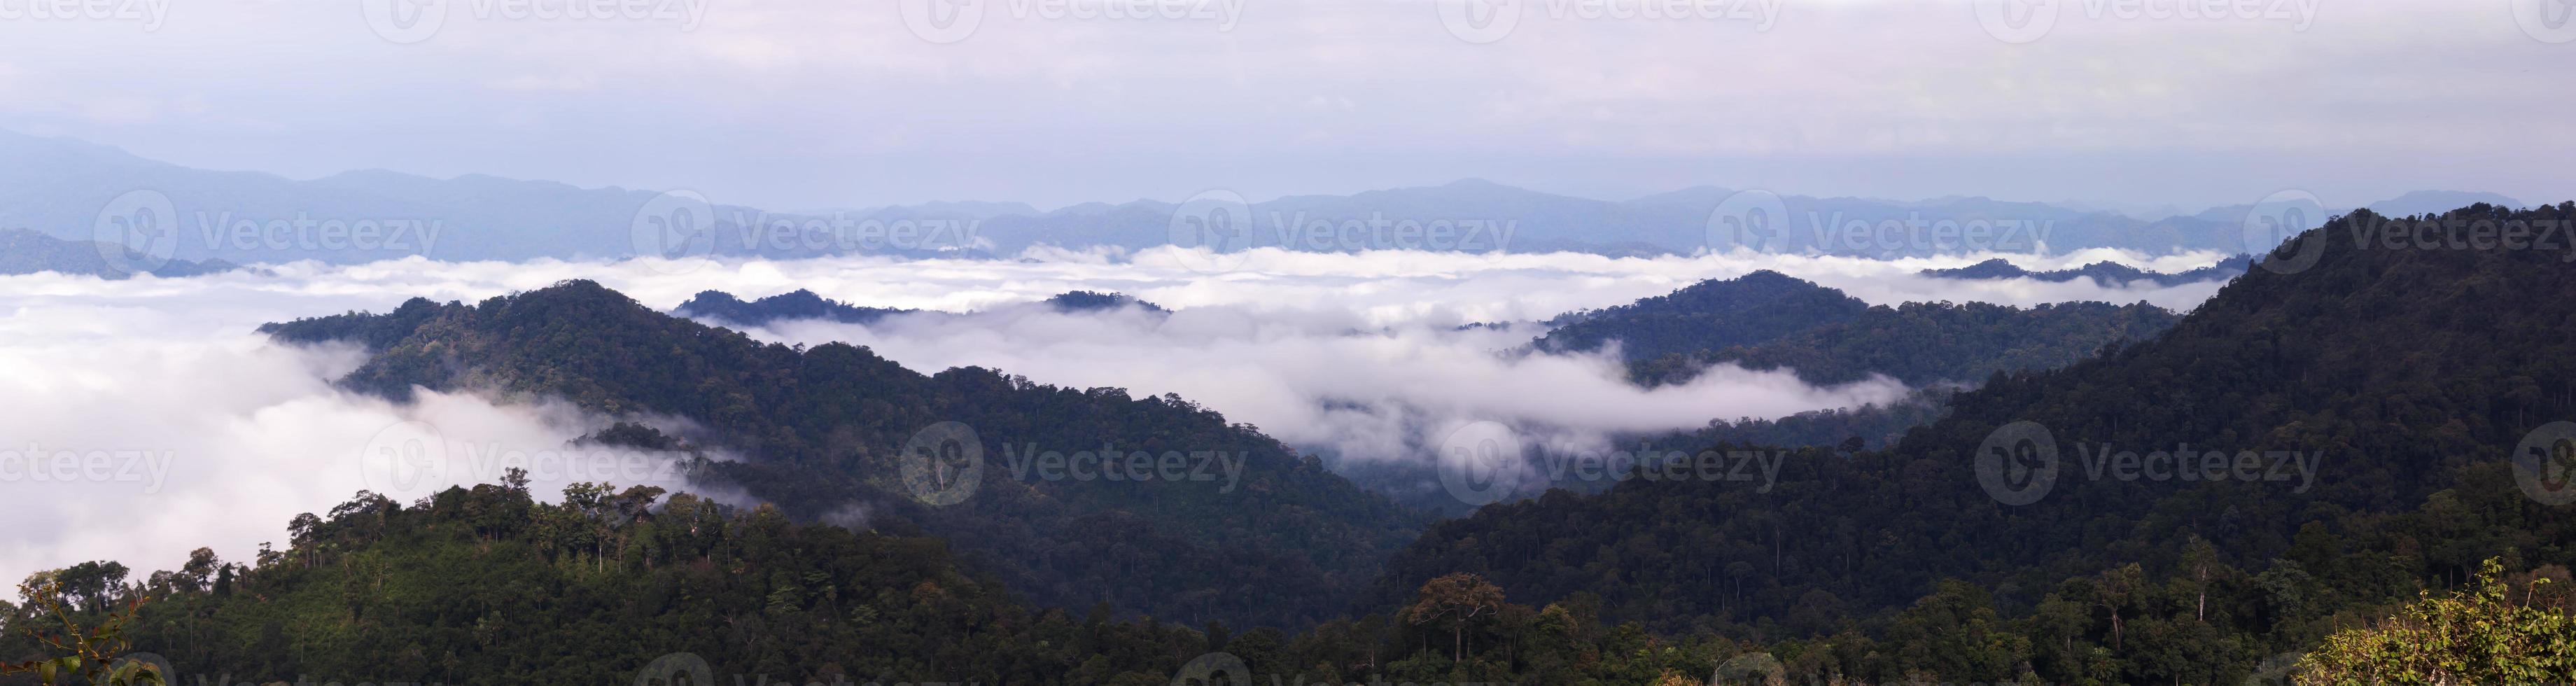 cadeias de montanhas com nevoeiro no panorama foto